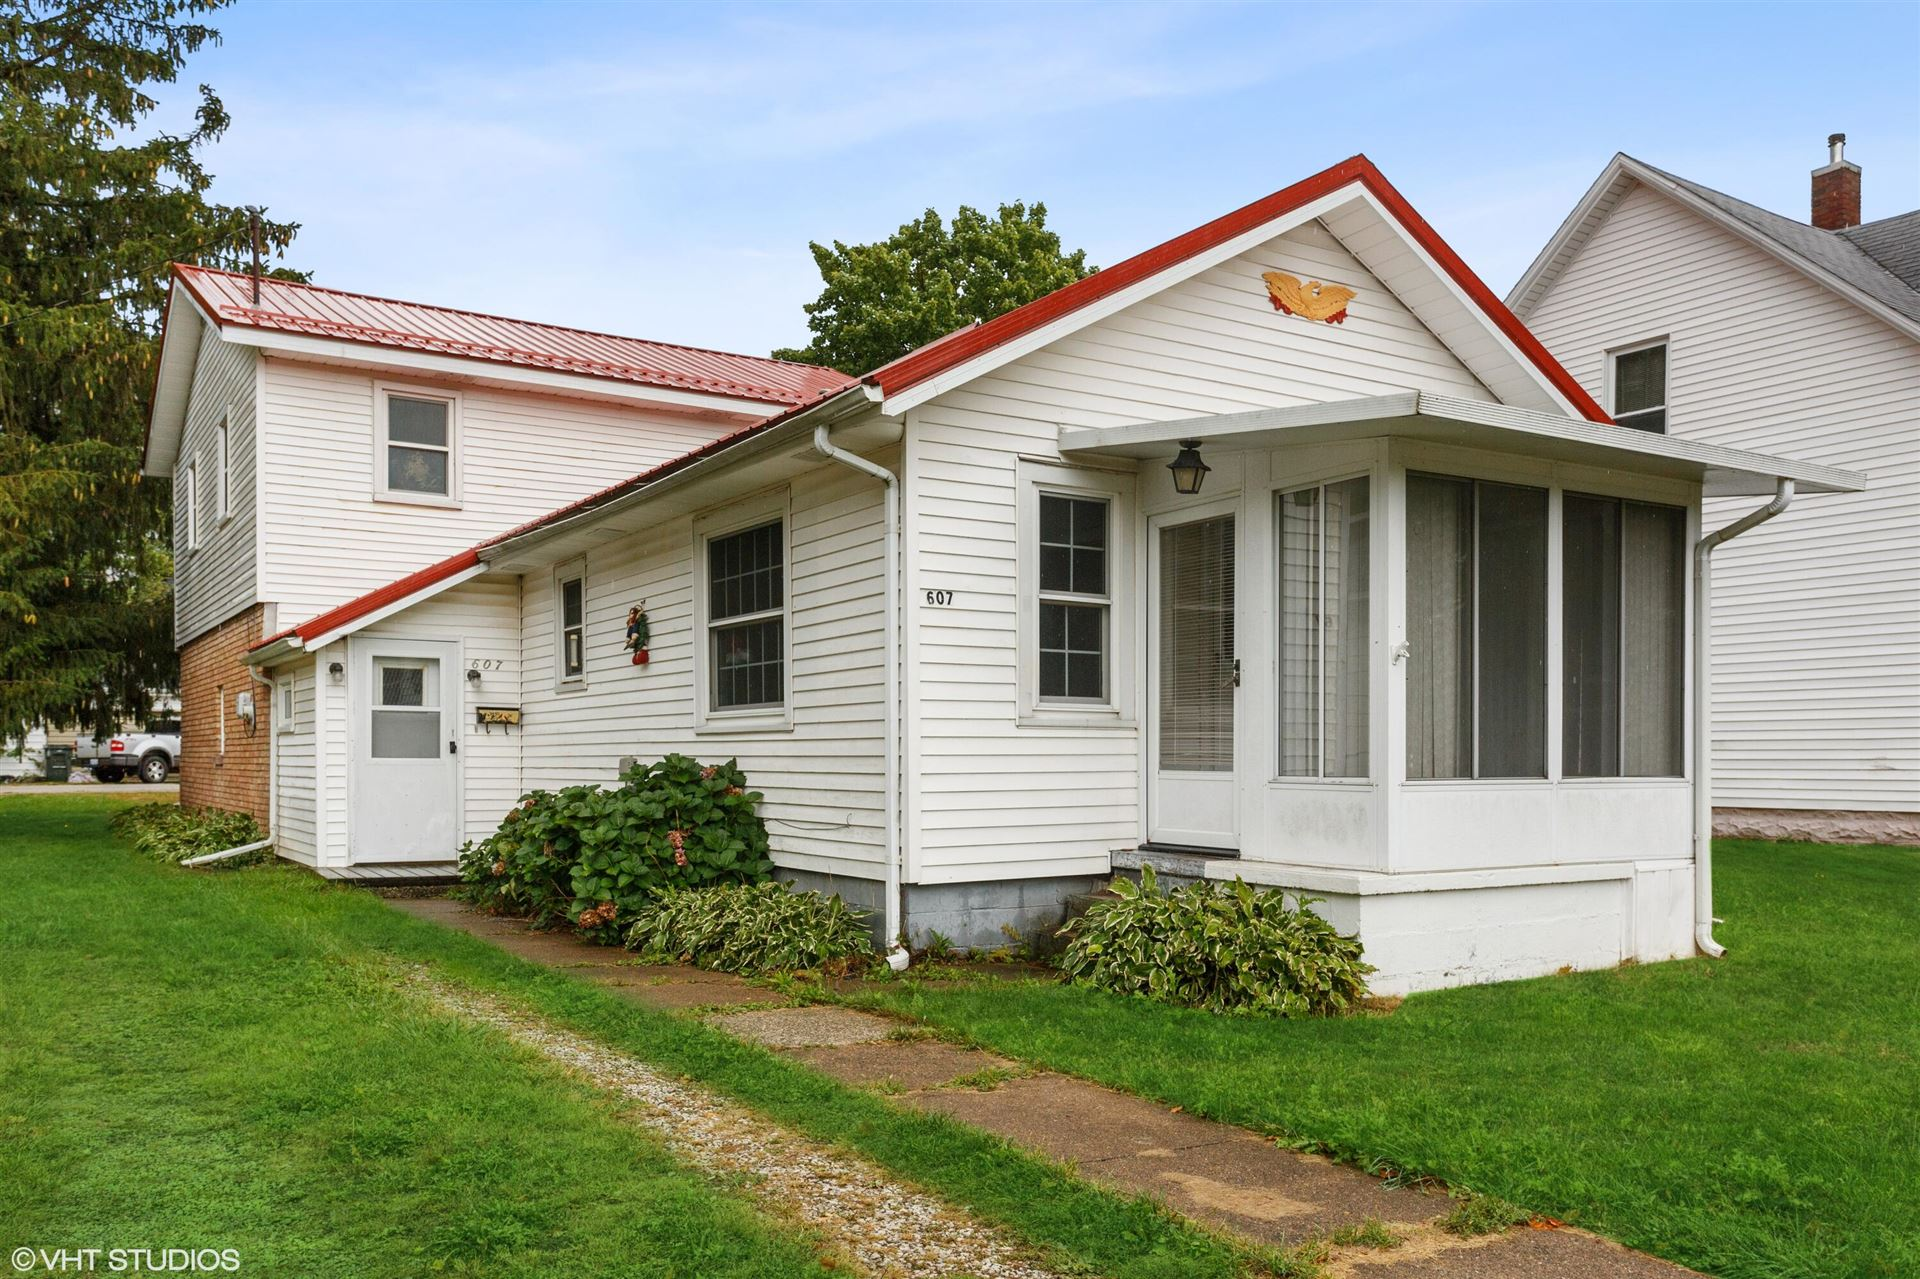 607 Magnolia Street, Three Oaks, MI 49128 - MLS#: 21107778